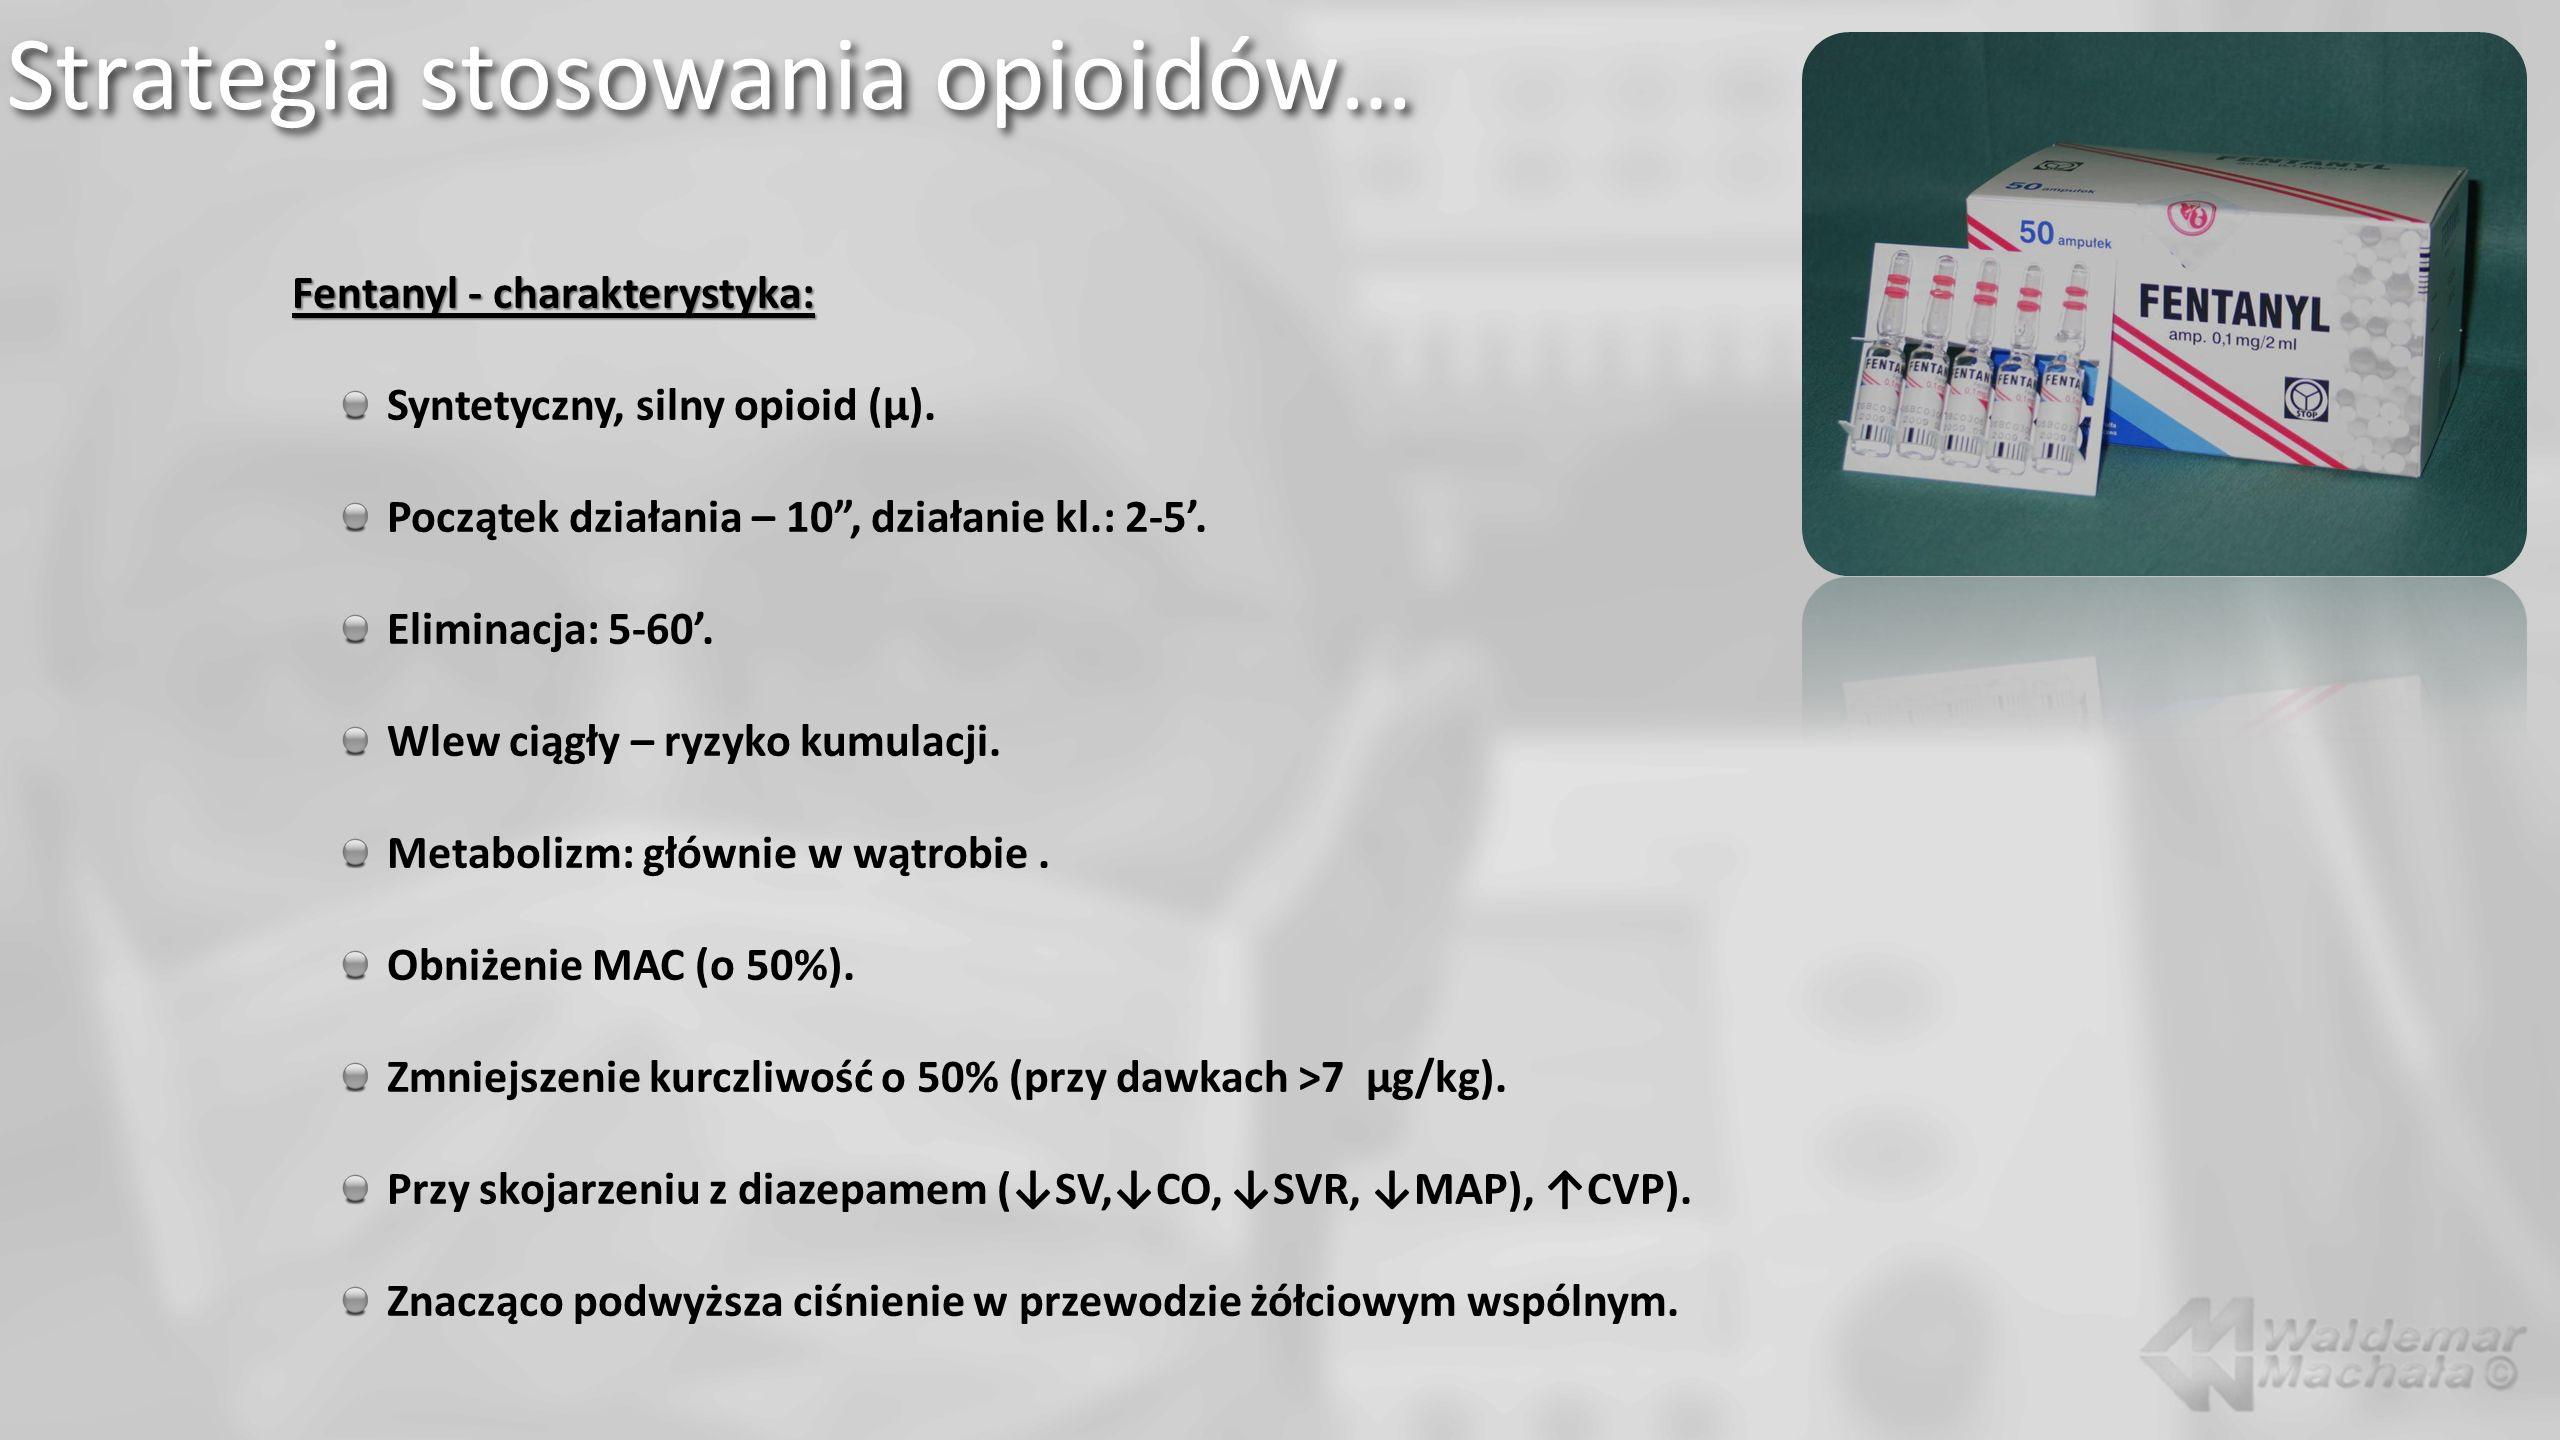 Strategia stosowania opioidów… Fentanyl - charakterystyka: Syntetyczny, silny opioid (µ). Początek działania – 10, działanie kl.: 2-5. Eliminacja: 5-6